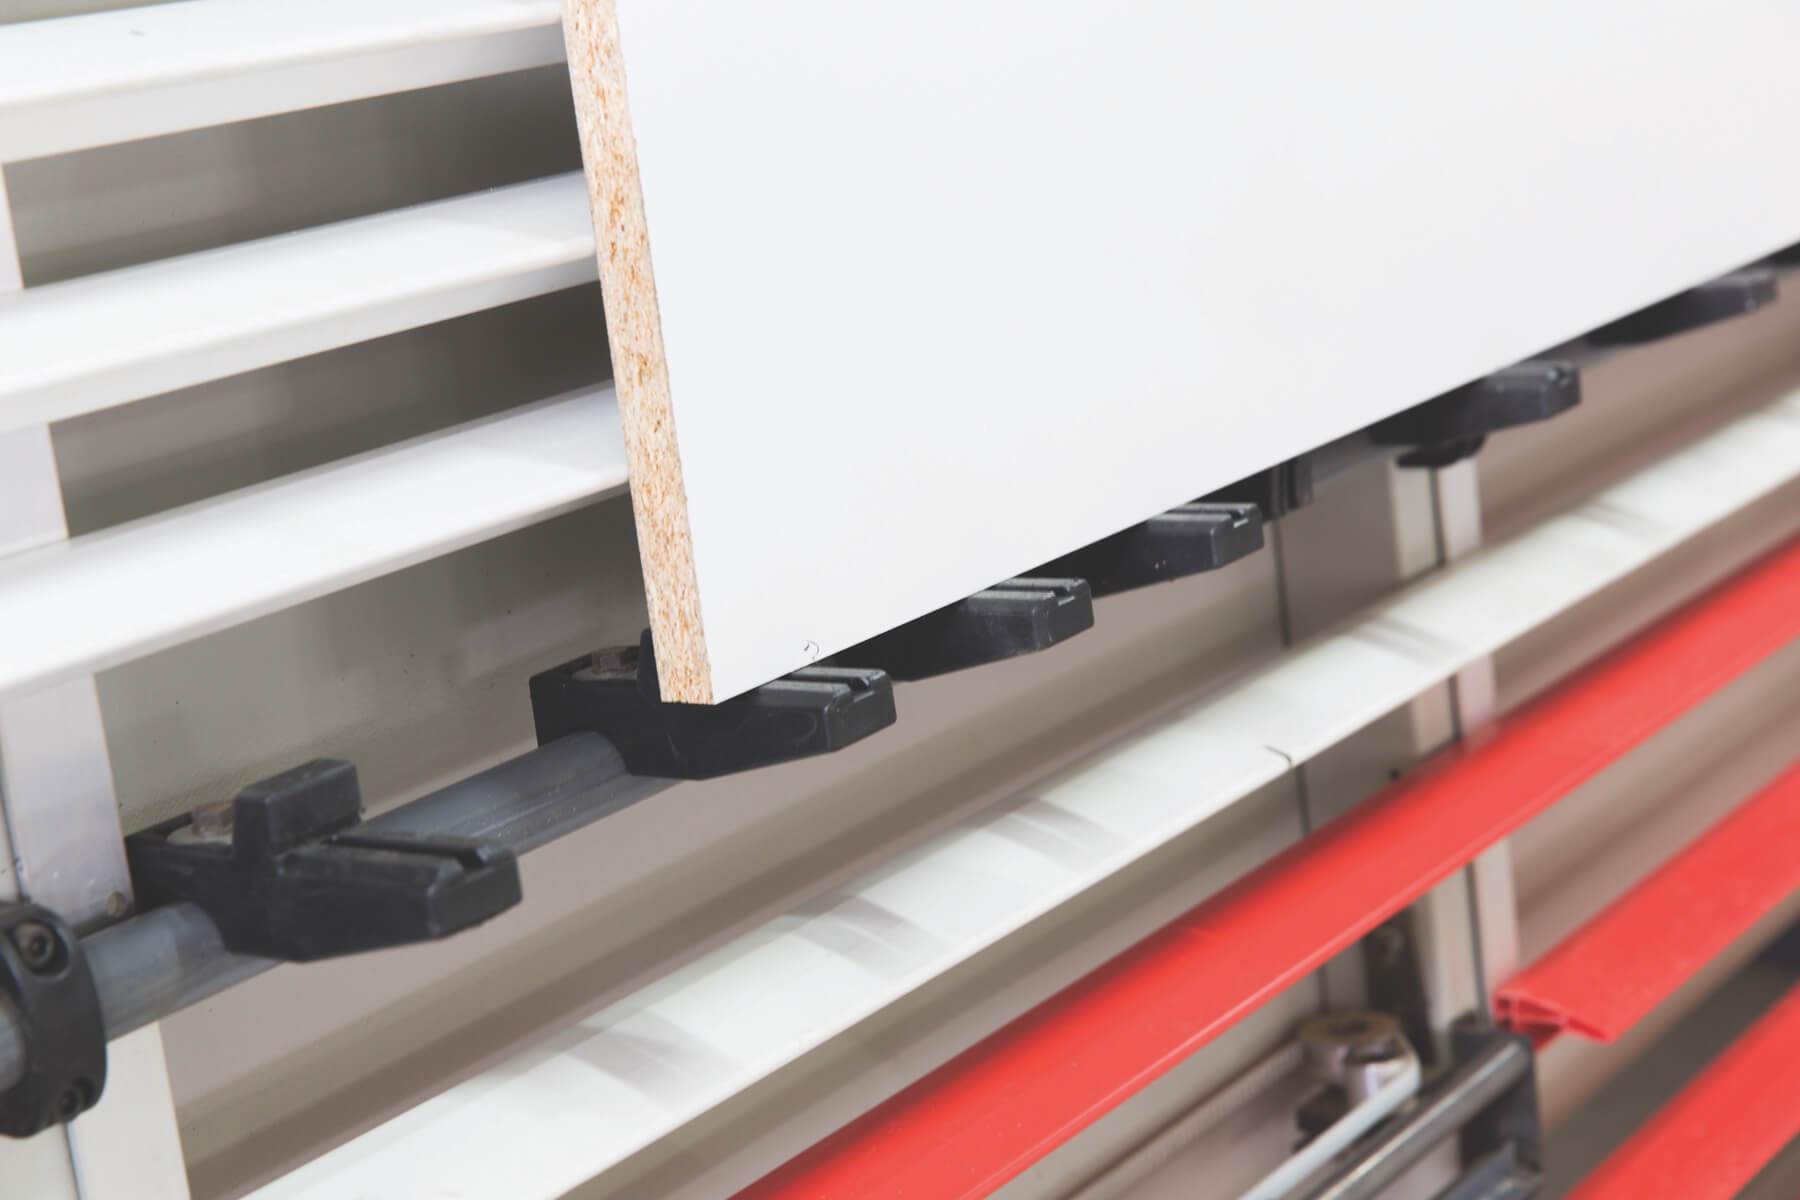 Dispositivo giratorio para el apoyo de pedazos pequenos de cortar